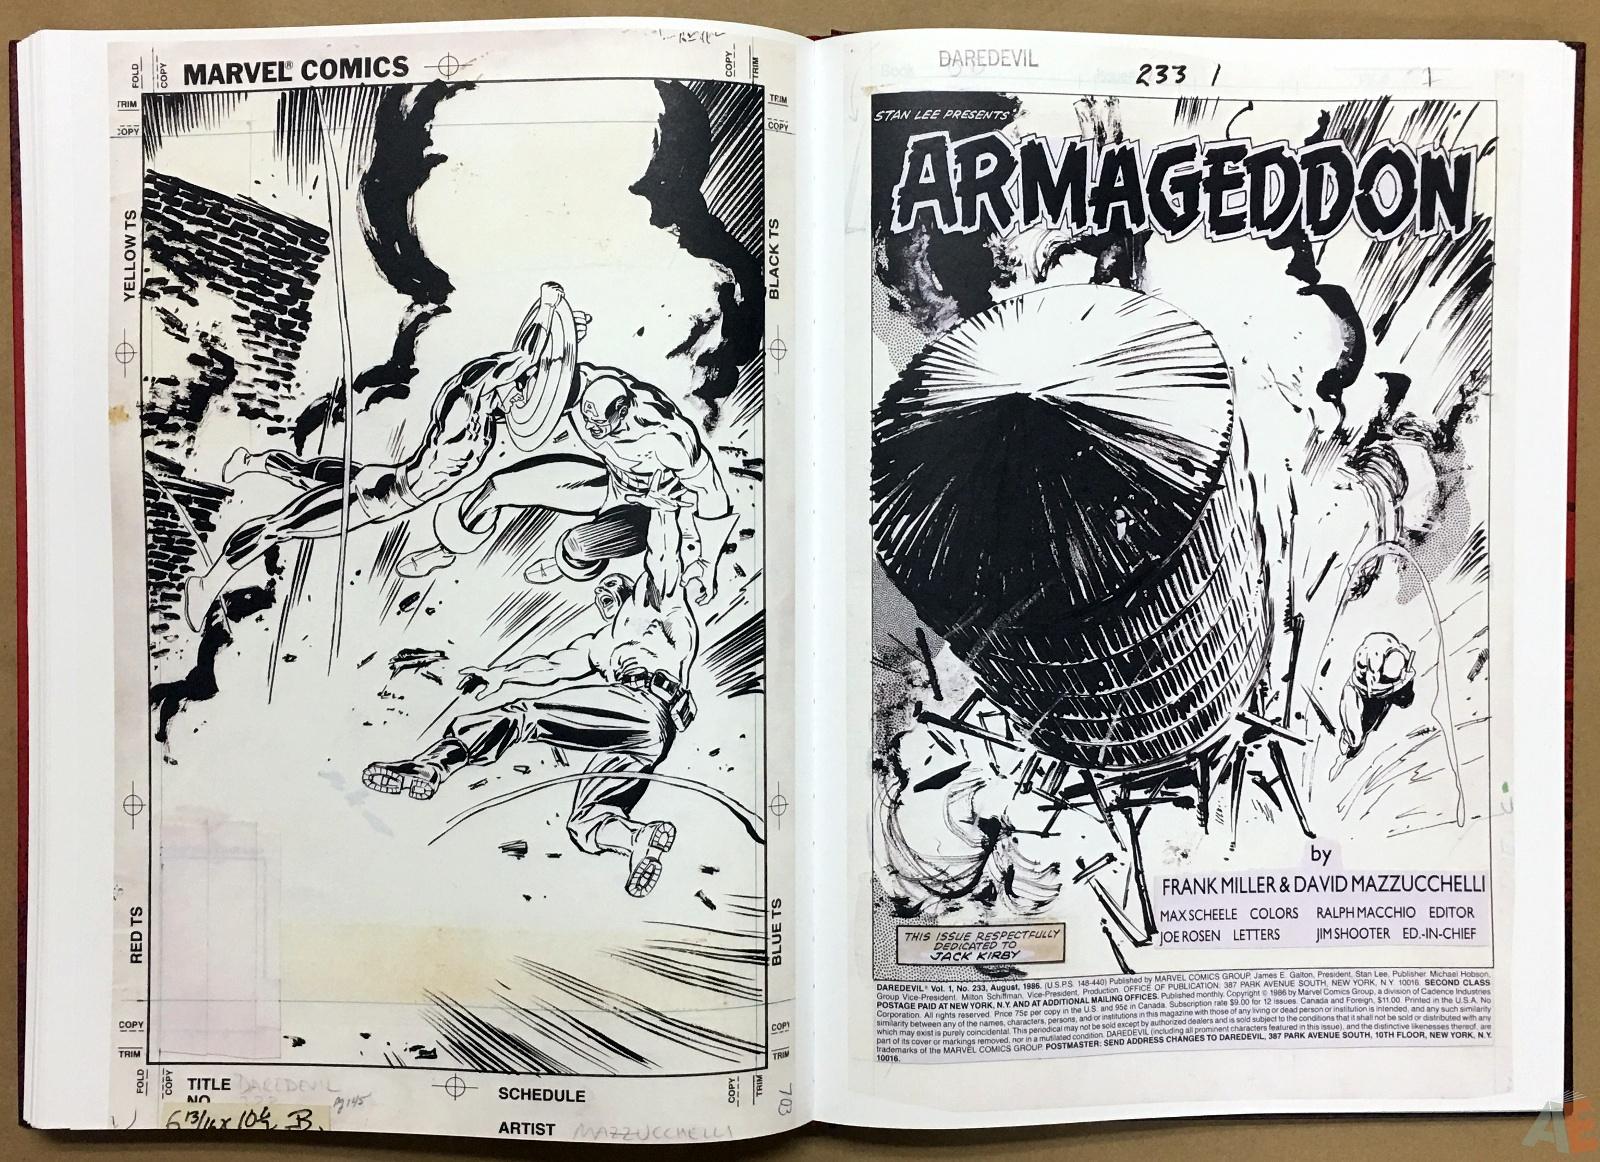 David Mazzucchelli's Daredevil Born Again: Artist's Edition 40